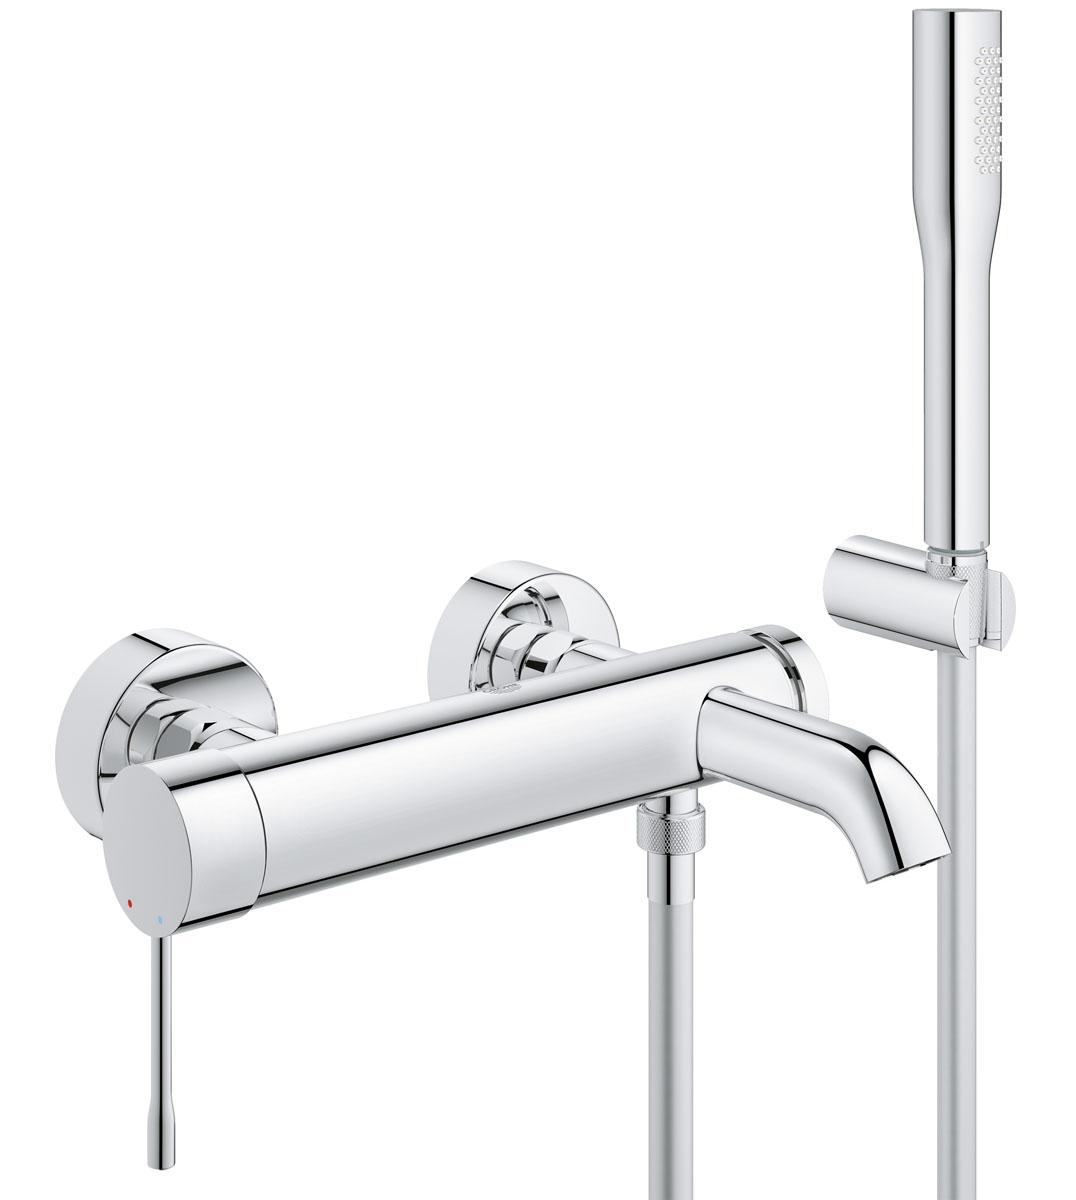 """Смеситель для ванны """"Grohe"""" в комплекте с  душевым гарнитуром сочетает в себе привлекательный дизайн со множеством  функциональных преимуществ. Благодаря элегантным цилиндрическим формам и  сияющему хромированному покрытию StarLight, этот однорычажный  смеситель отличается эффектным внешним видом и одновременно с этим может  похвастаться высоким уровнем функциональности. Технология SilkMove  обеспечивает ему легкость в управлении. Встроенный переключатель позволяет  плавно перенаправлять струю воды между выпусками для ванны и душа. В  комплект  данного смесителя настенного монтажа также входит настенное крепление для  ручного душа Tempesta 100 Cosmopolitan, ручной душ Euphoria Cosmopolitan Stick с  расходом воды не более 9,5 литров в  минуту и душевой шланг Silverflex длиной 1500 мм с защитой от  перекручивания TwistFree."""